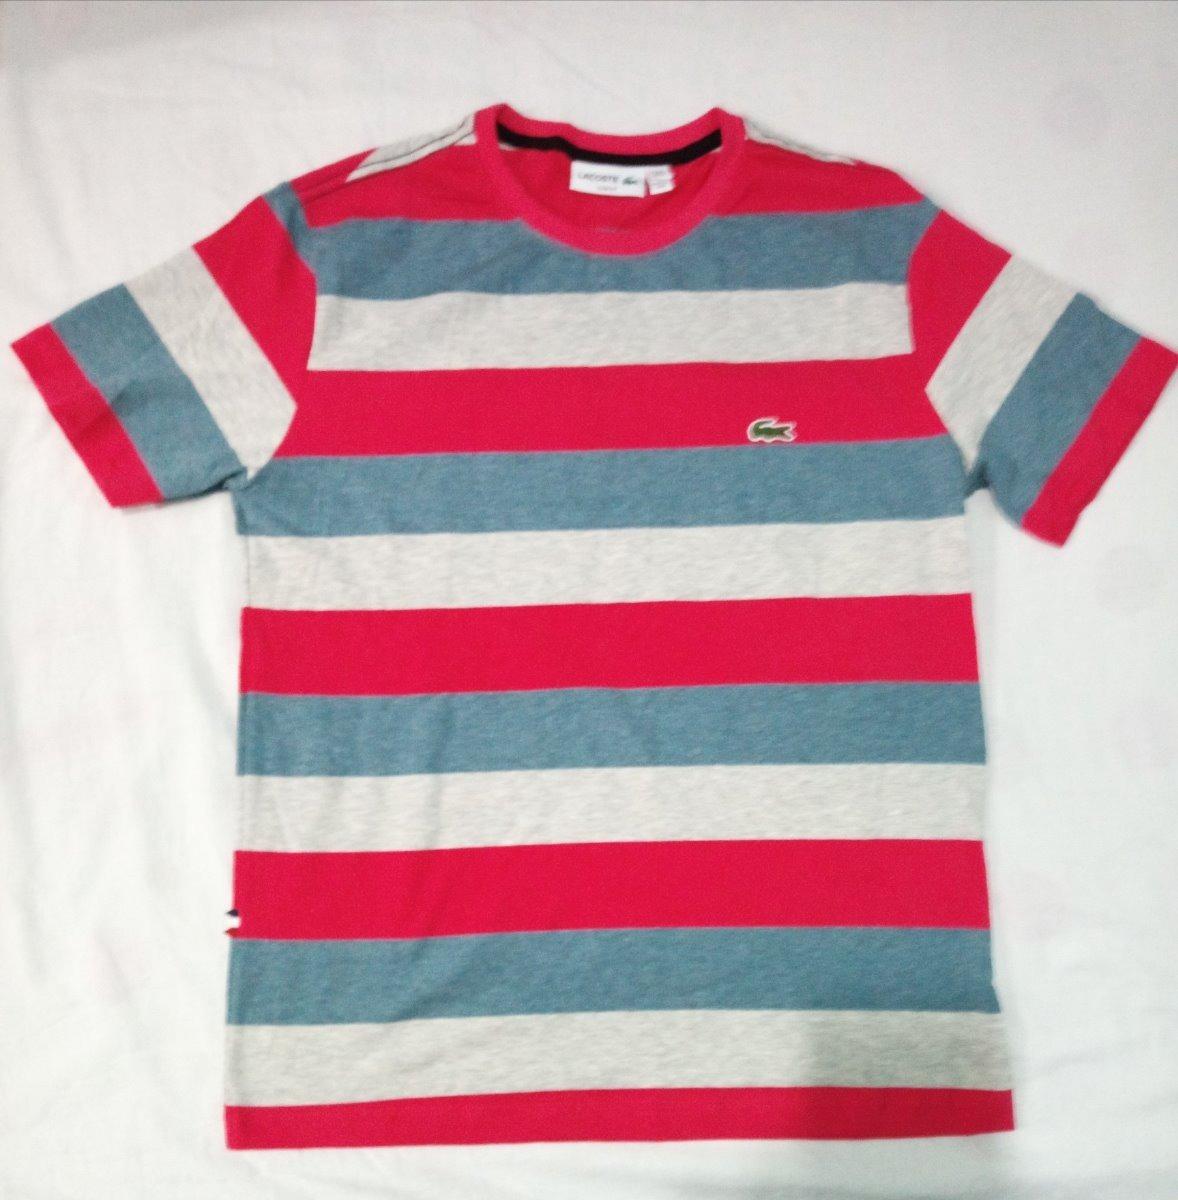 f82e280fe3ade Novas Camisa Lacoste Listrada Live Oakley Masculina - R  120,00 em ...